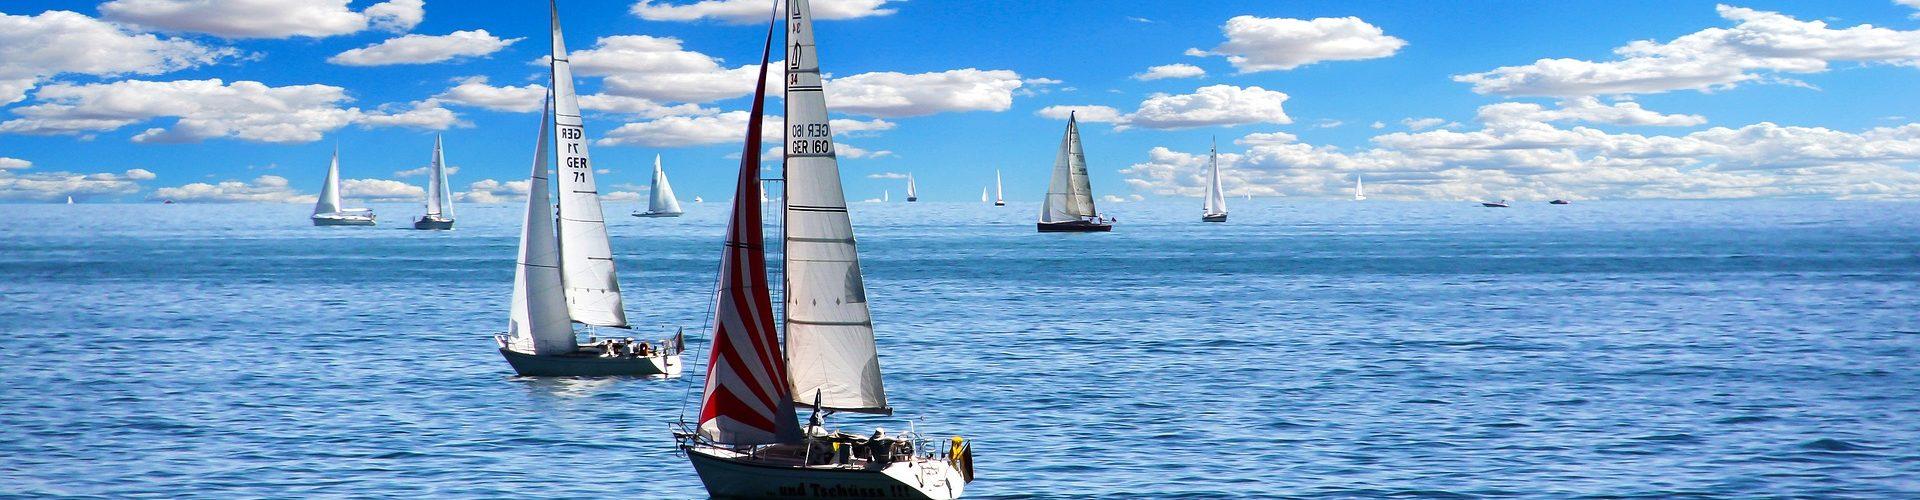 segeln lernen in Gescher segelschein machen in Gescher 1920x500 - Segeln lernen in Gescher